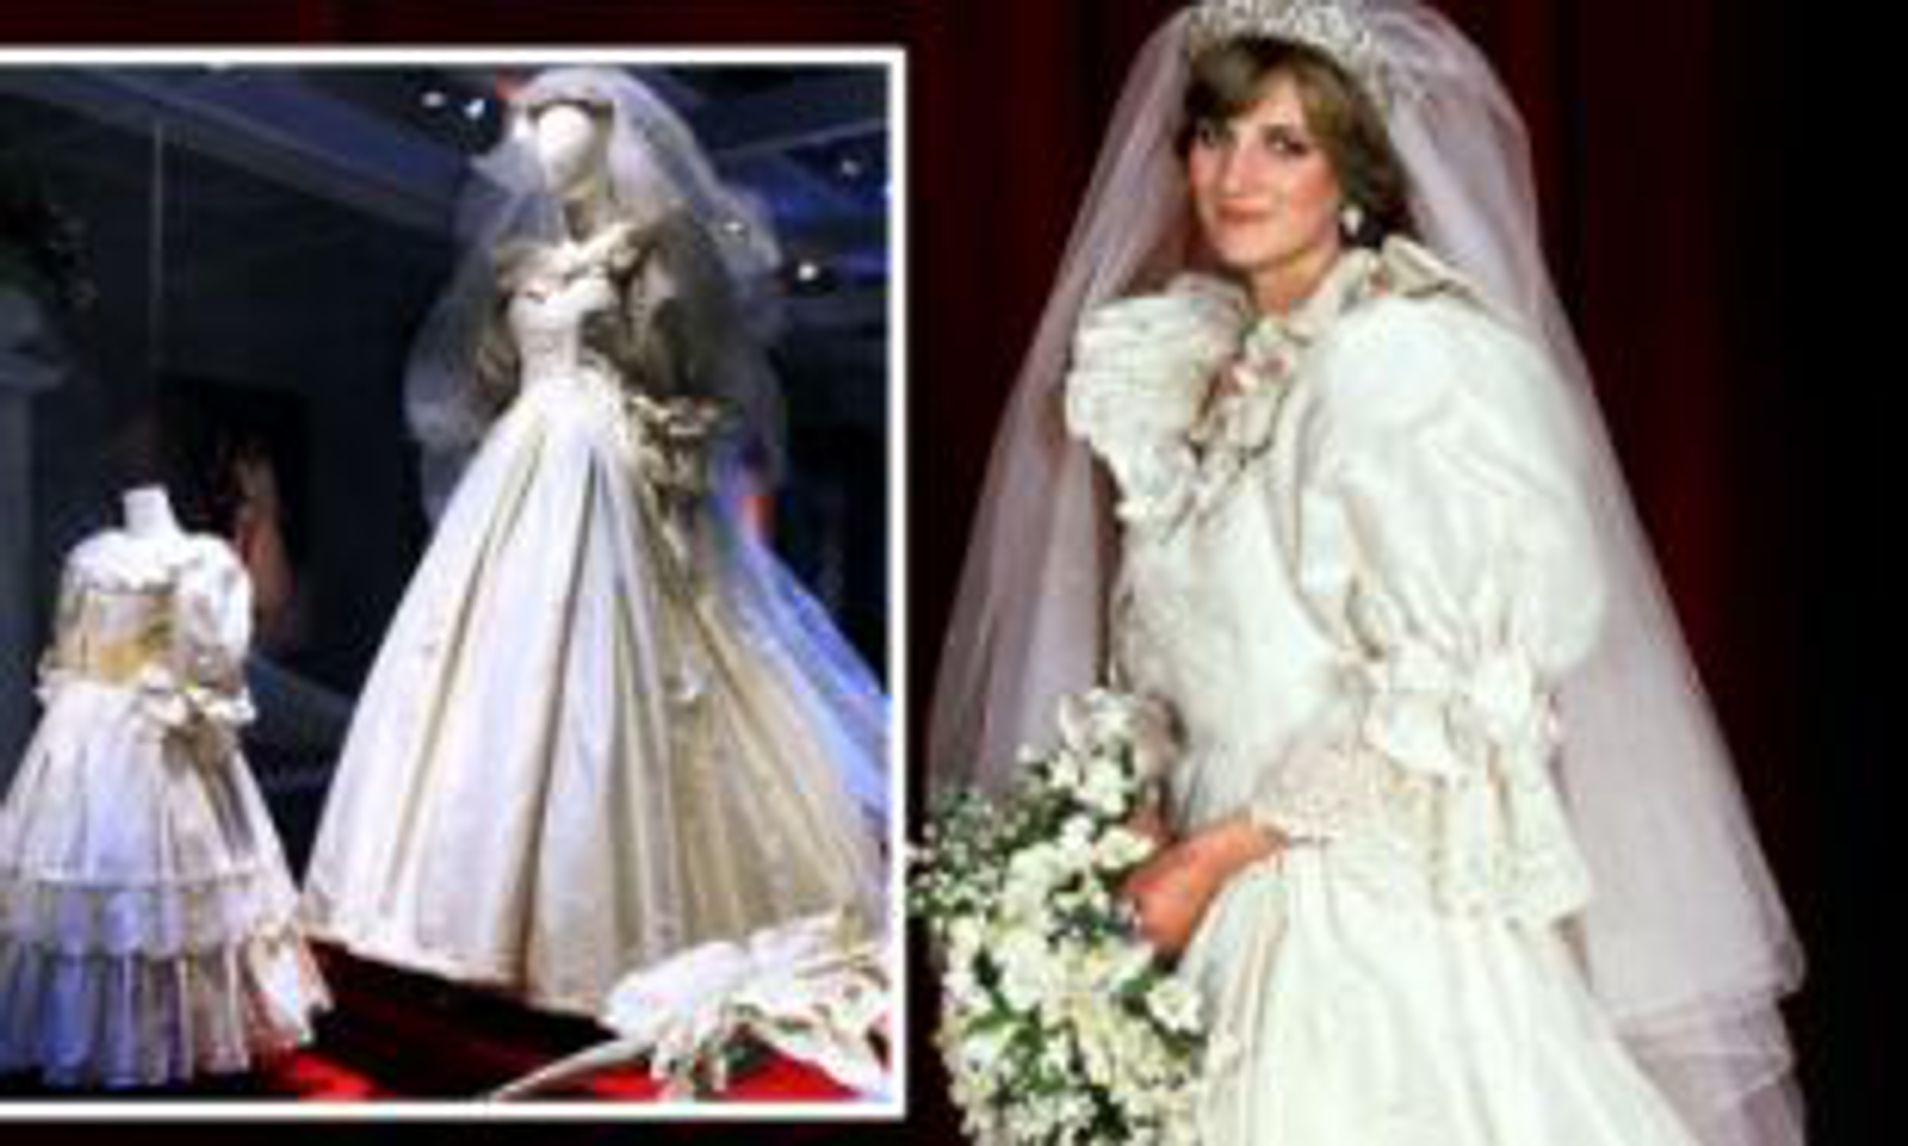 Kate Middleton S Wedding Dress On Display Kate Middleton Wedding Dress Kate Middleton Wedding Wedding [ 1600 x 1200 Pixel ]